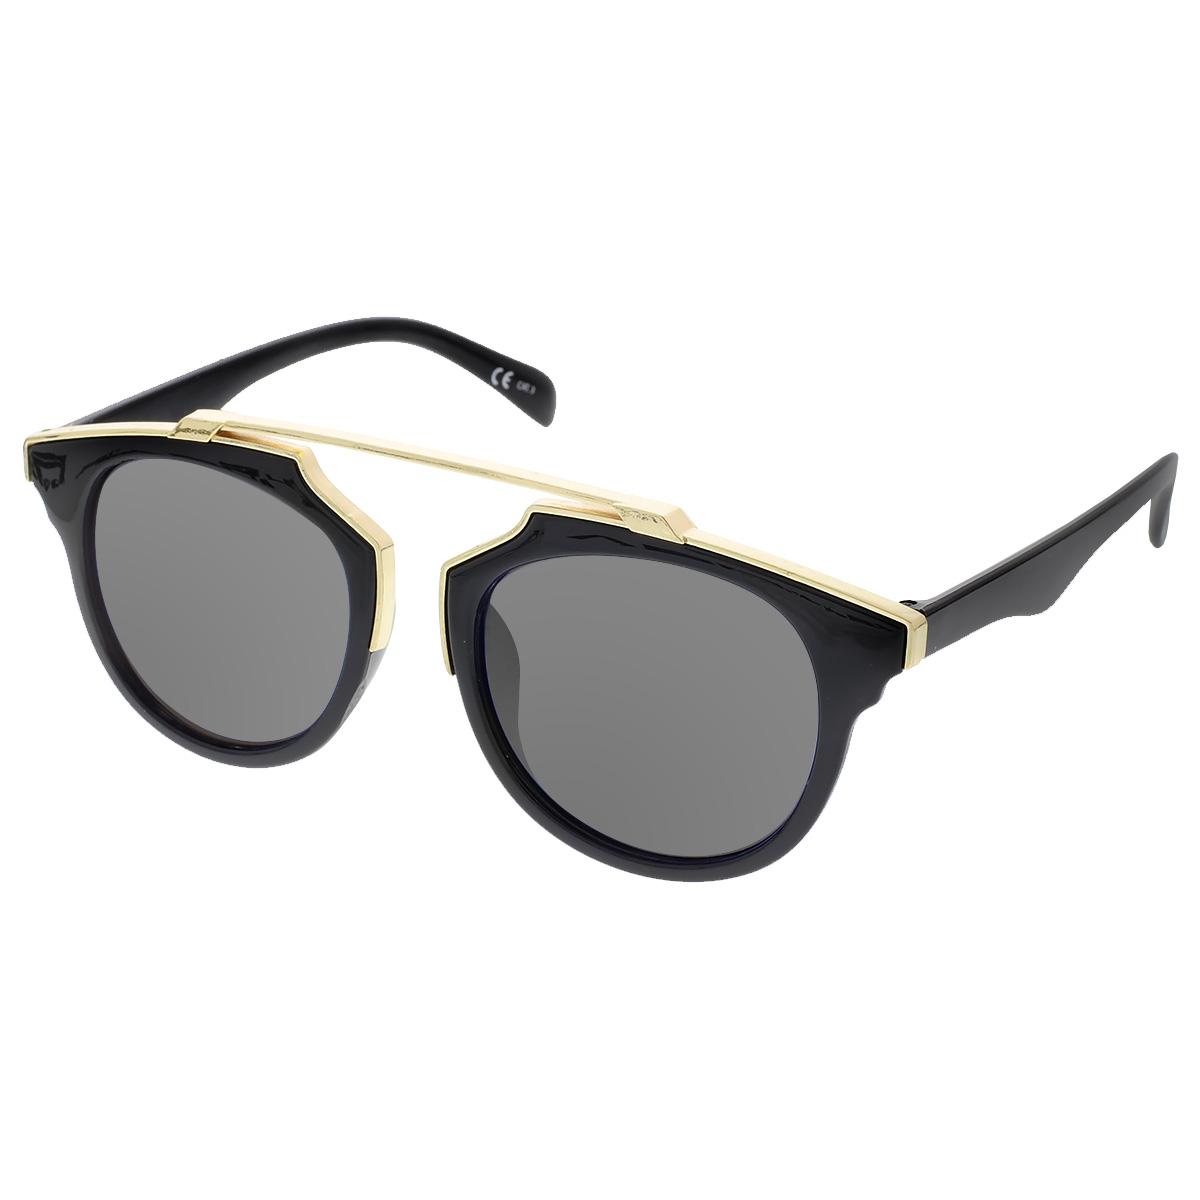 Sluneční brýle Weight černé obroučky šedá skla.